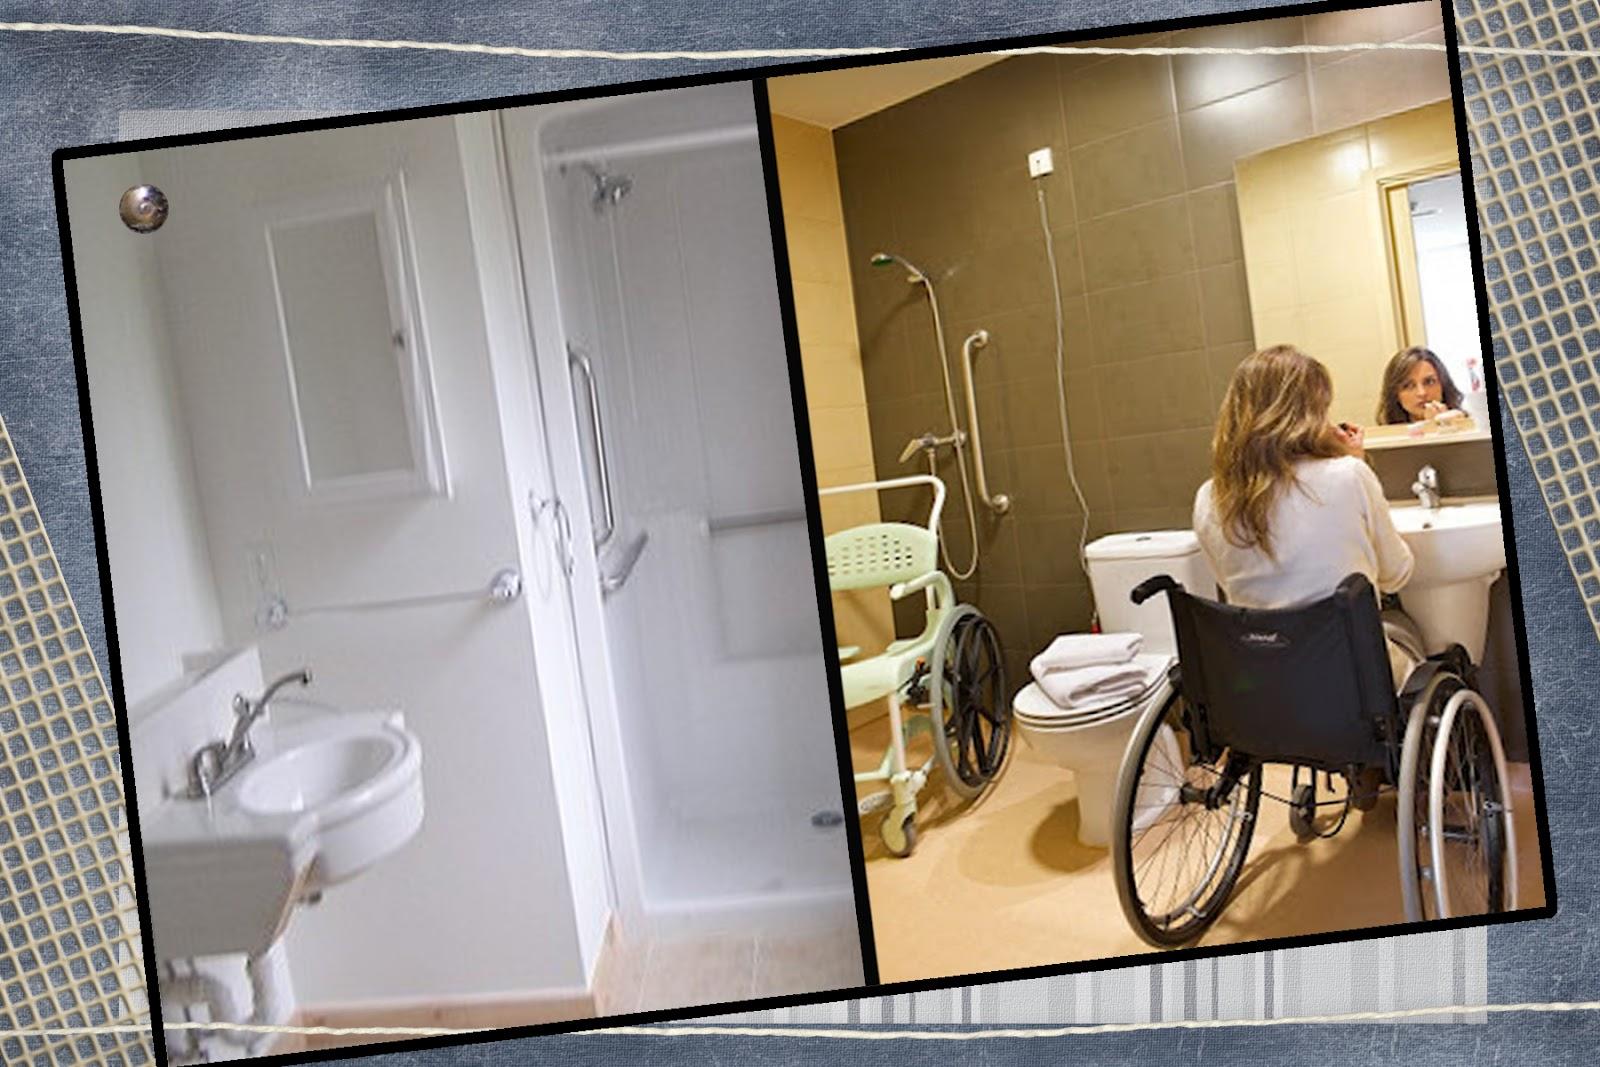 Imagens de #644A27  pia deve serde 80cm do piso com o vão livre abaixo de 70cm de altura 1600x1067 px 3582 Barra Para Banheiro De Cadeirante